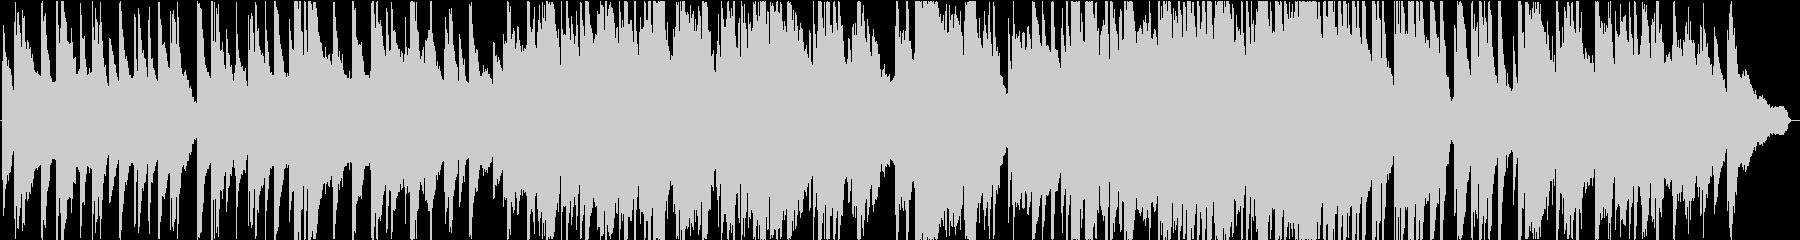 リラックスできるピアノソロ温かいイメージの未再生の波形